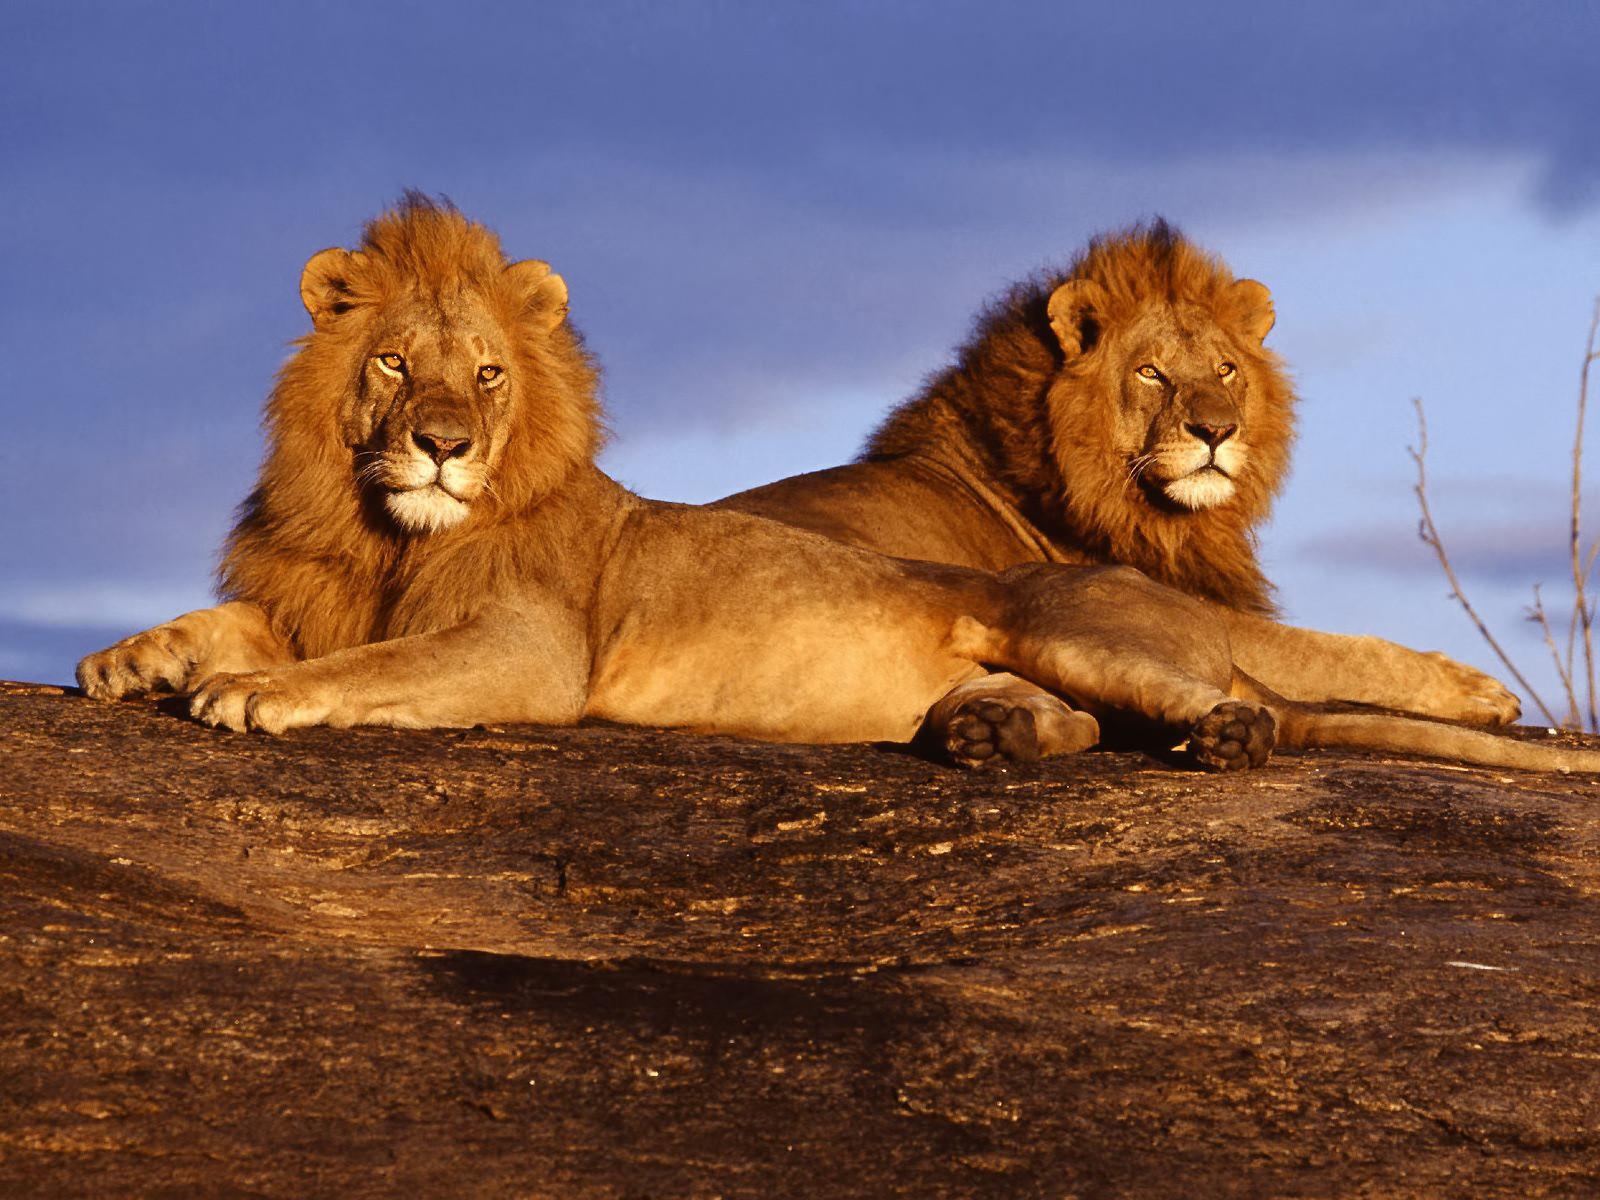 льва лежат, скачать фото, обои для ...: fotodes.ru/download/3410